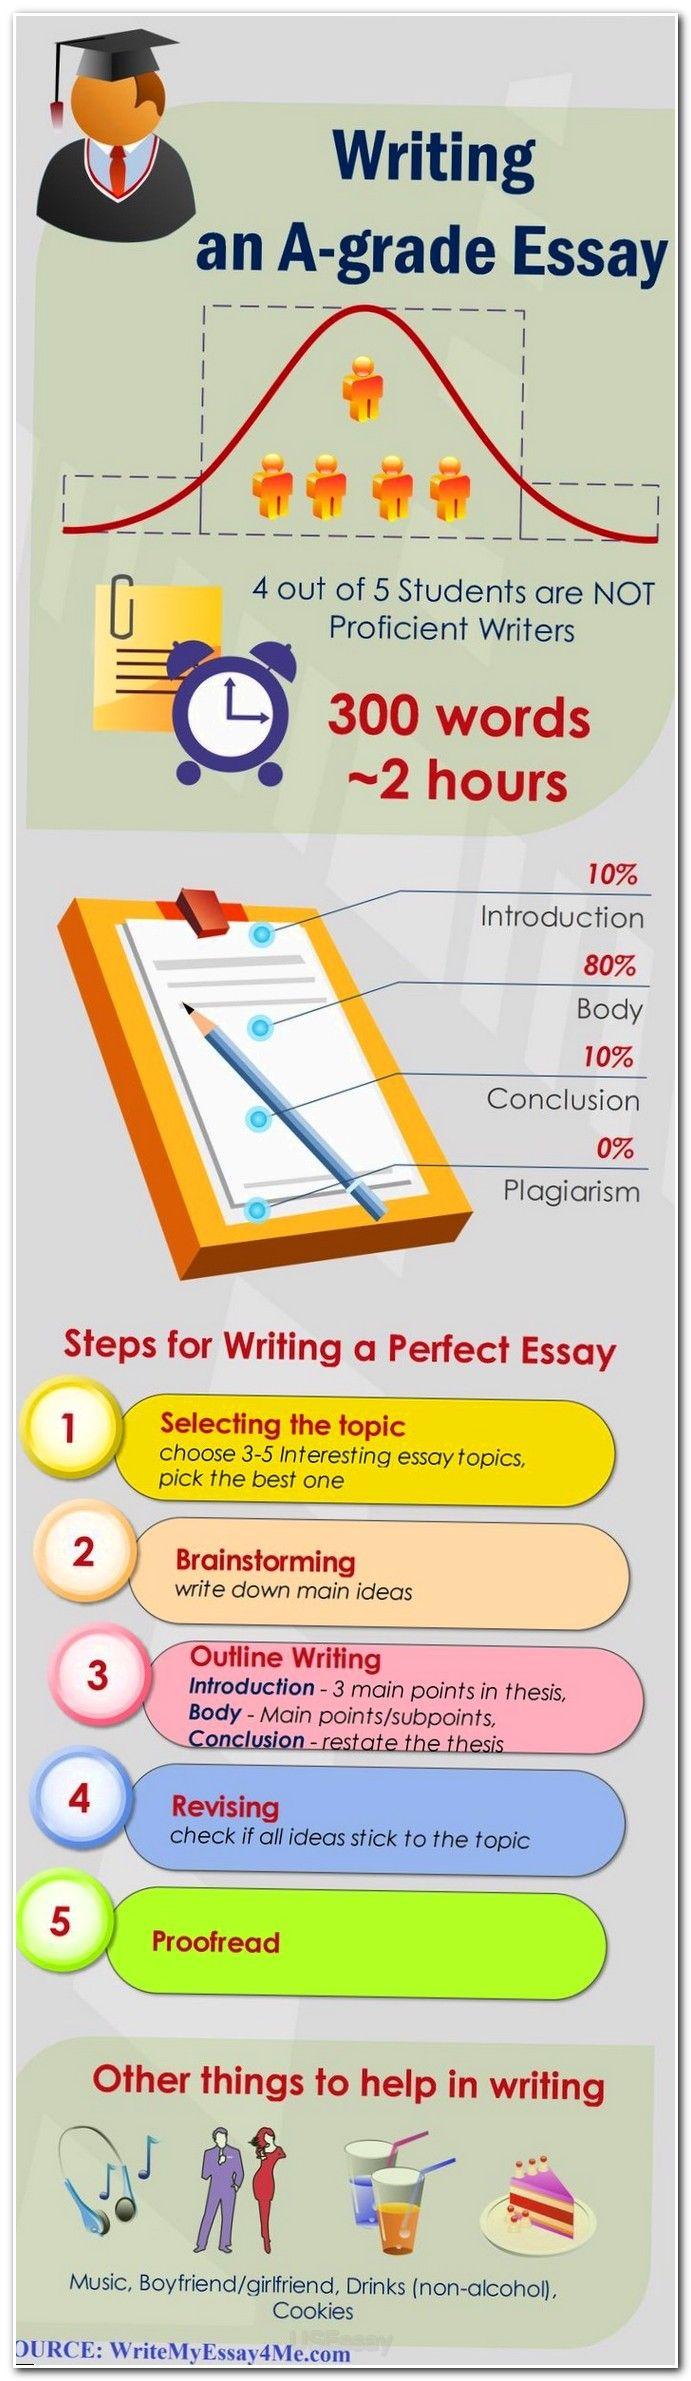 Writing An A-Grade Essay